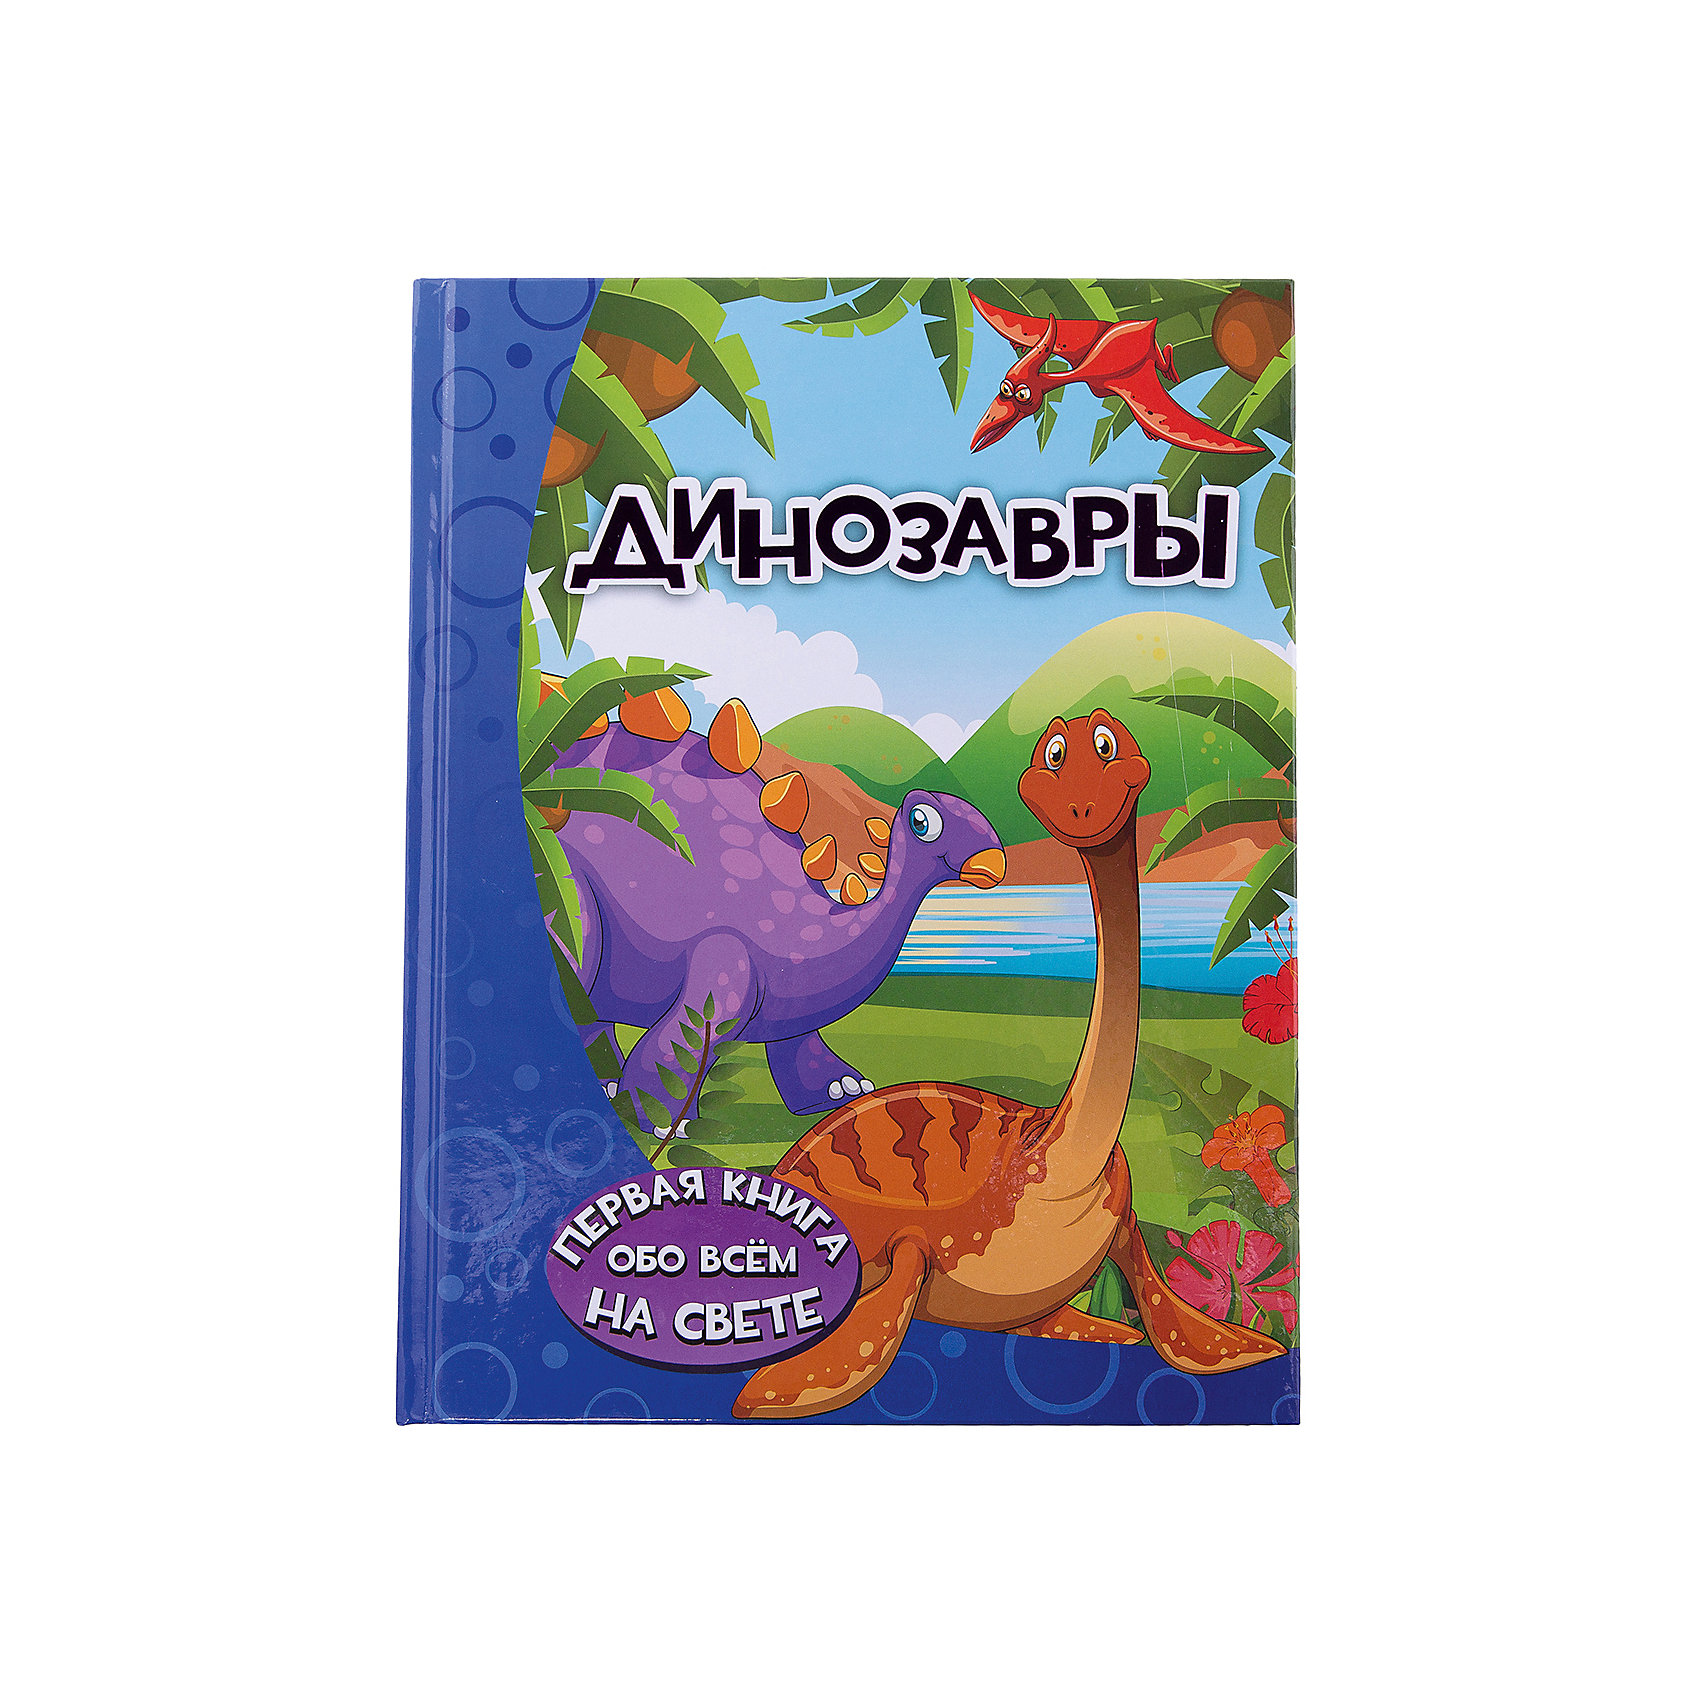 Книга обо всём на свете ДинозаврыЭнциклопедии про динозавров<br>Книга Динозавры понравится каждому малышу, ведь она отправит его в увлекательнейшее путешествие, в котором ребёнок познакомится с необычными существами — динозаврами, узнает, какой была наша планета миллионы лет назад и какие существа её населяли в то далёкое время.<br>Маленький читатель получит ответы на множество вопросов: почему одни из динозавров жили в стае, а другие предпочитали одиночество, чем питались и как охотились эти древние ящеры, на кого были похожи и почему всё-таки они так называются. Текст книги написан интересным, а главное, понятным и доступным языком — специально для дошколят. А множество красочных иллюстраций непременно понравятся детишкам: динозавры представлены на них забавными и очень милыми. Итак, открывайте книгу и вместе начните путешествие в неповторимый, загадочный и, увы, навсегда исчезнувший мир динозавров.<br>Для дошкольного возраста.<br><br>Ширина мм: 255<br>Глубина мм: 197<br>Высота мм: 160<br>Вес г: 85<br>Возраст от месяцев: 48<br>Возраст до месяцев: 2147483647<br>Пол: Унисекс<br>Возраст: Детский<br>SKU: 6848292